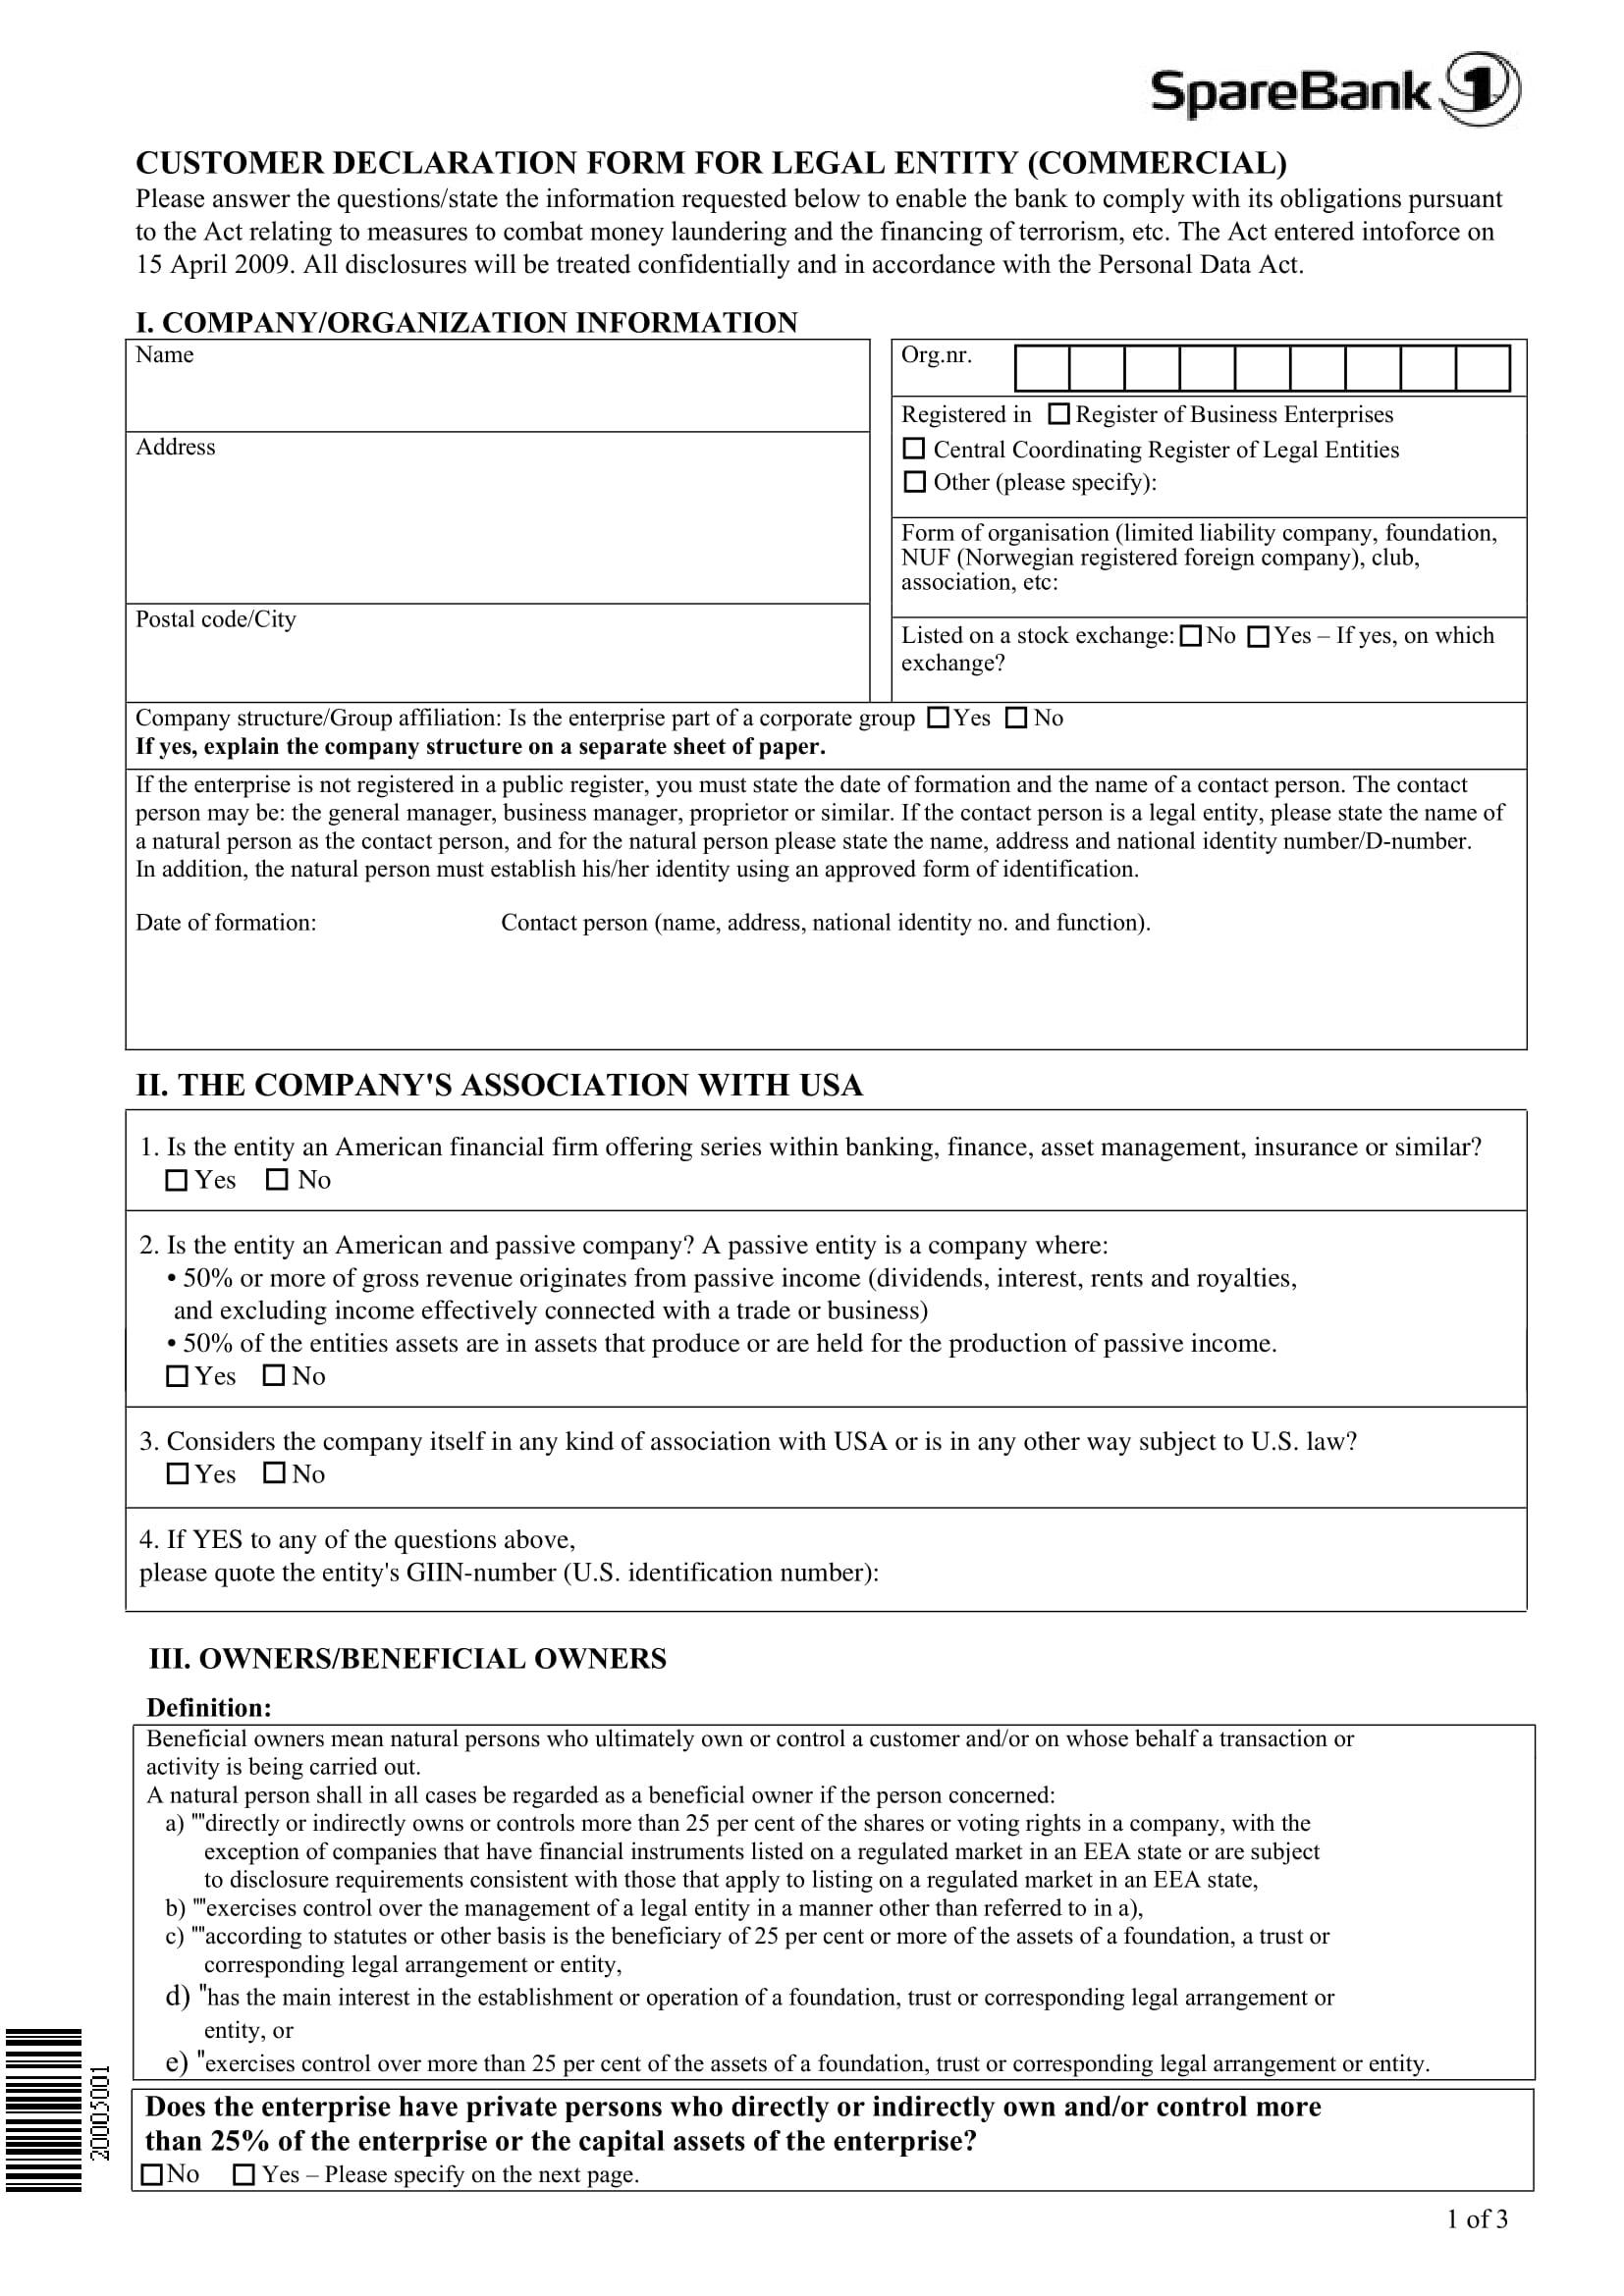 customer declaration form for legal entity 1